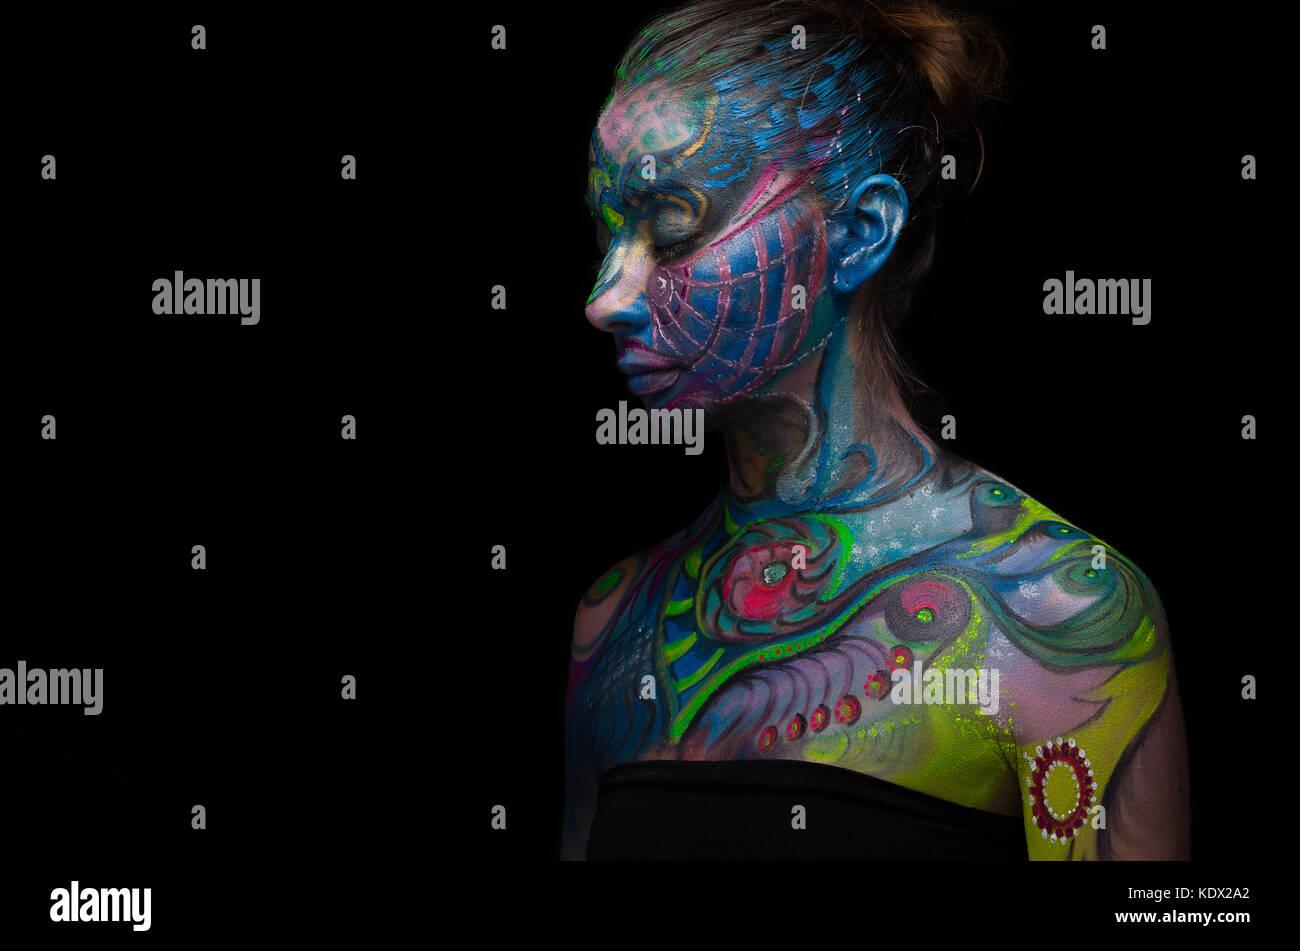 Schönen Körper Kunst - künstlerische Gesicht (Ansicht von links) Stockbild